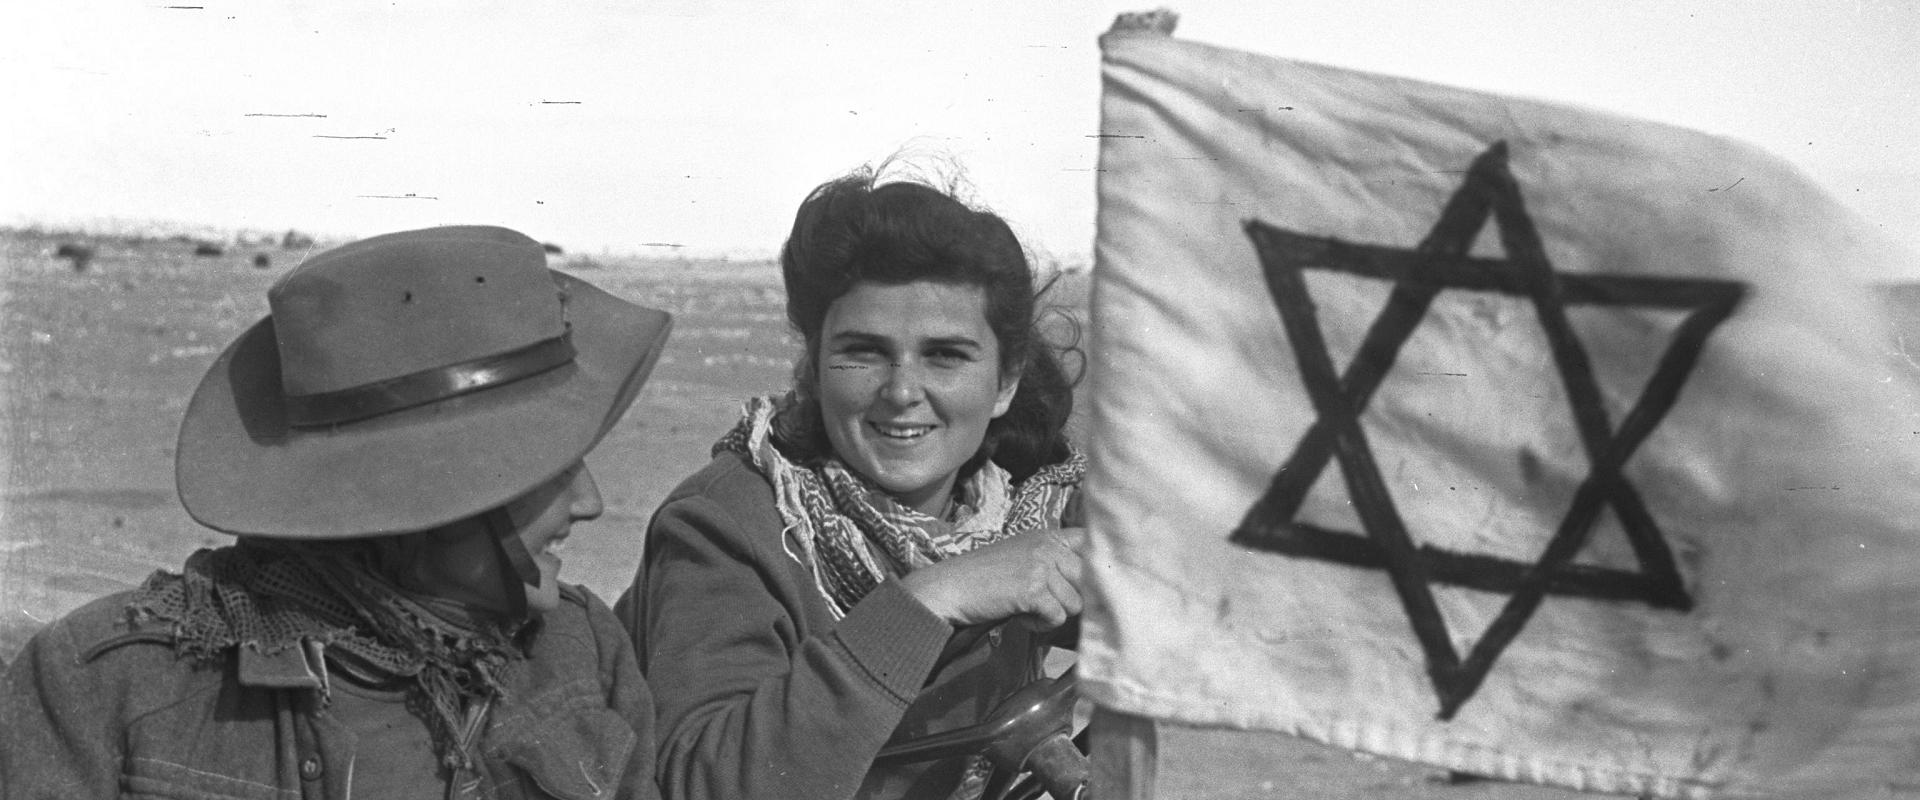 לוחמות ישראליות במלחמת העצמאות